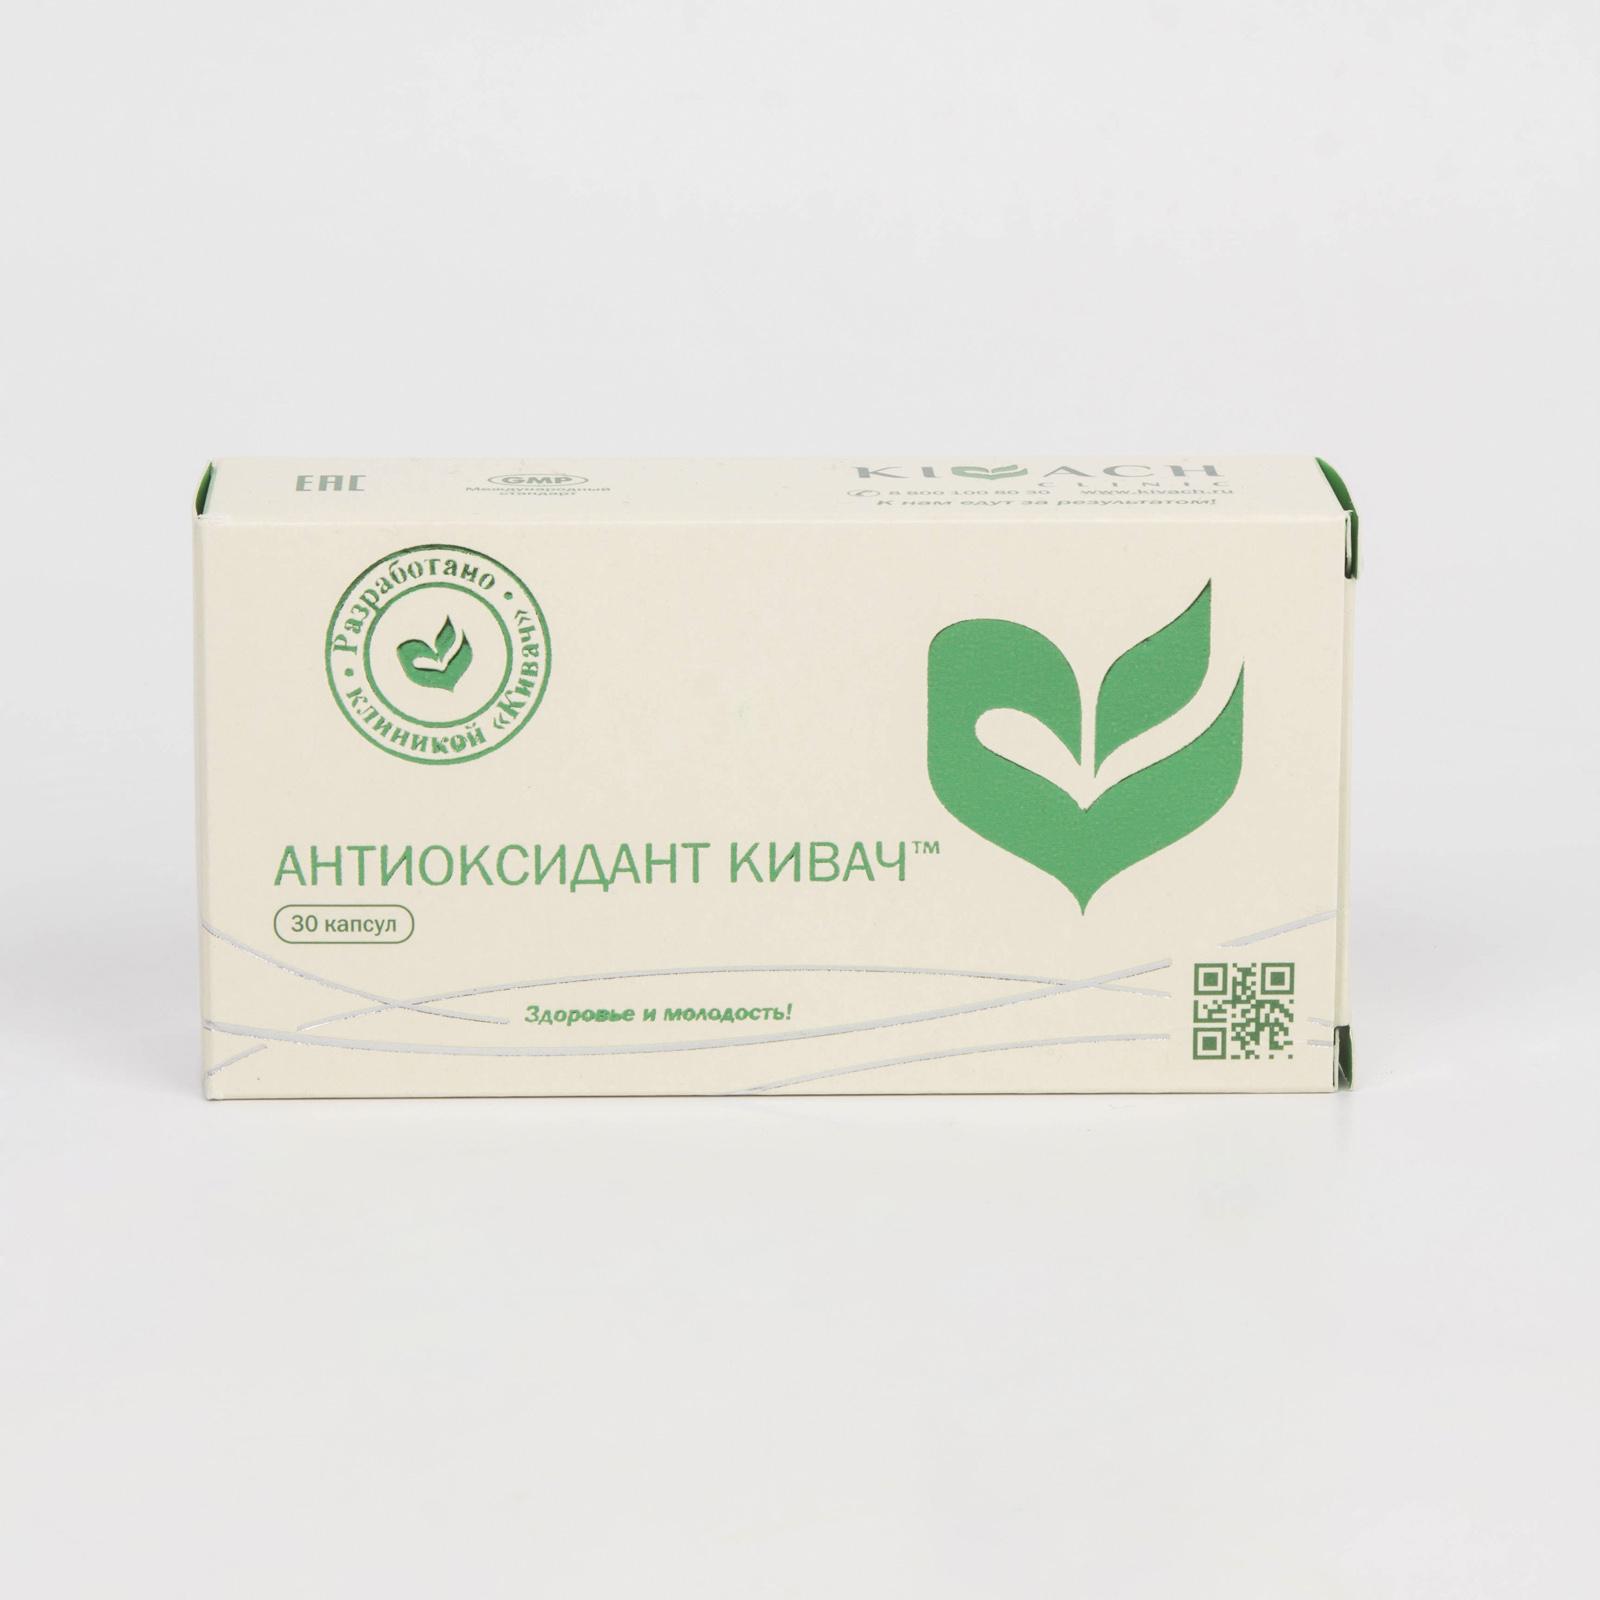 Антиоксидант «Ваше здоровье и молодость»